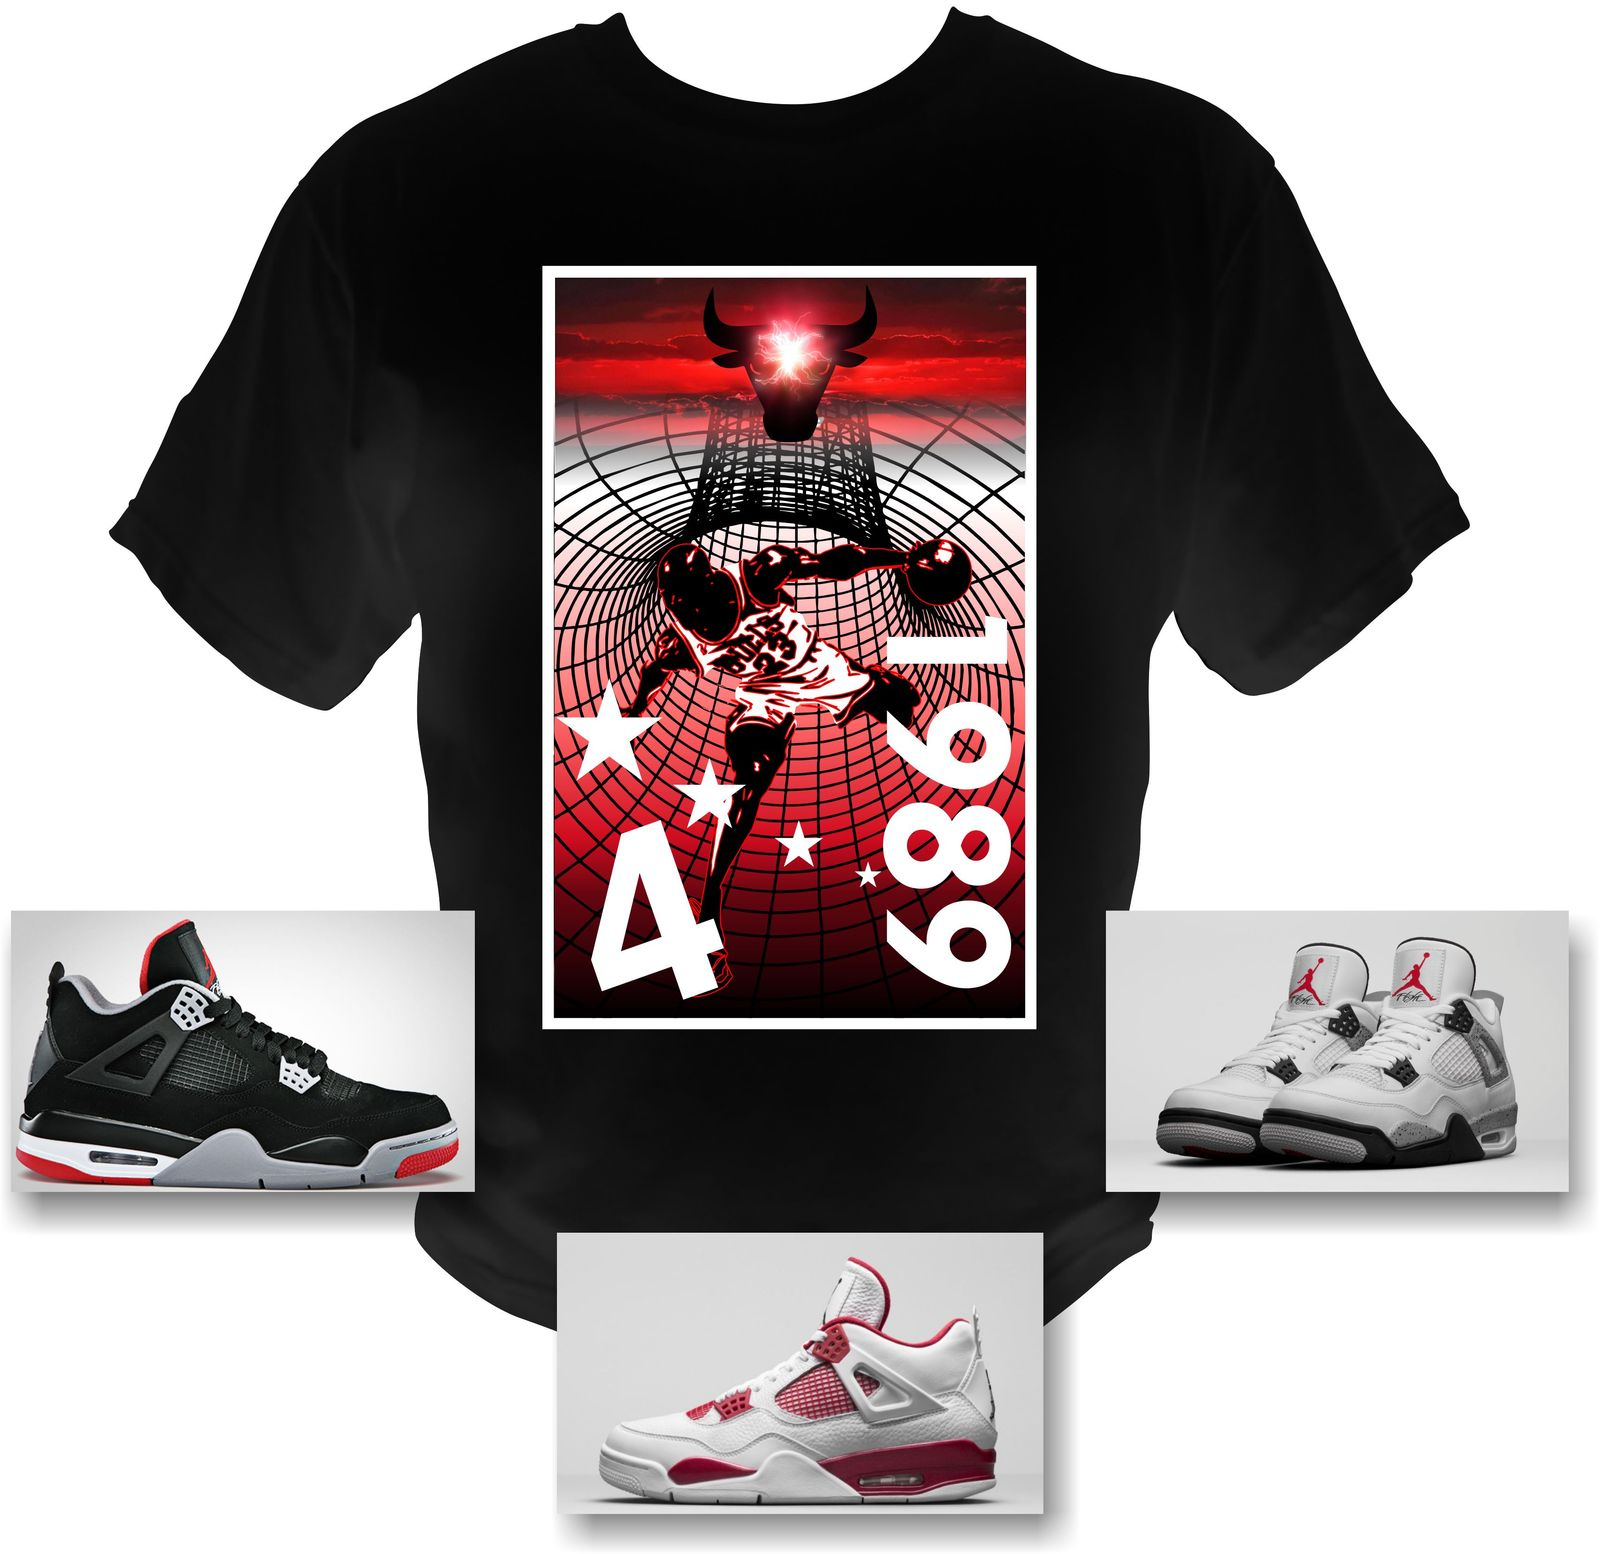 5a0ad900c78384 M Jordan 4 Cement 4 s Michael Jordan T-Shirt and 50 similar items